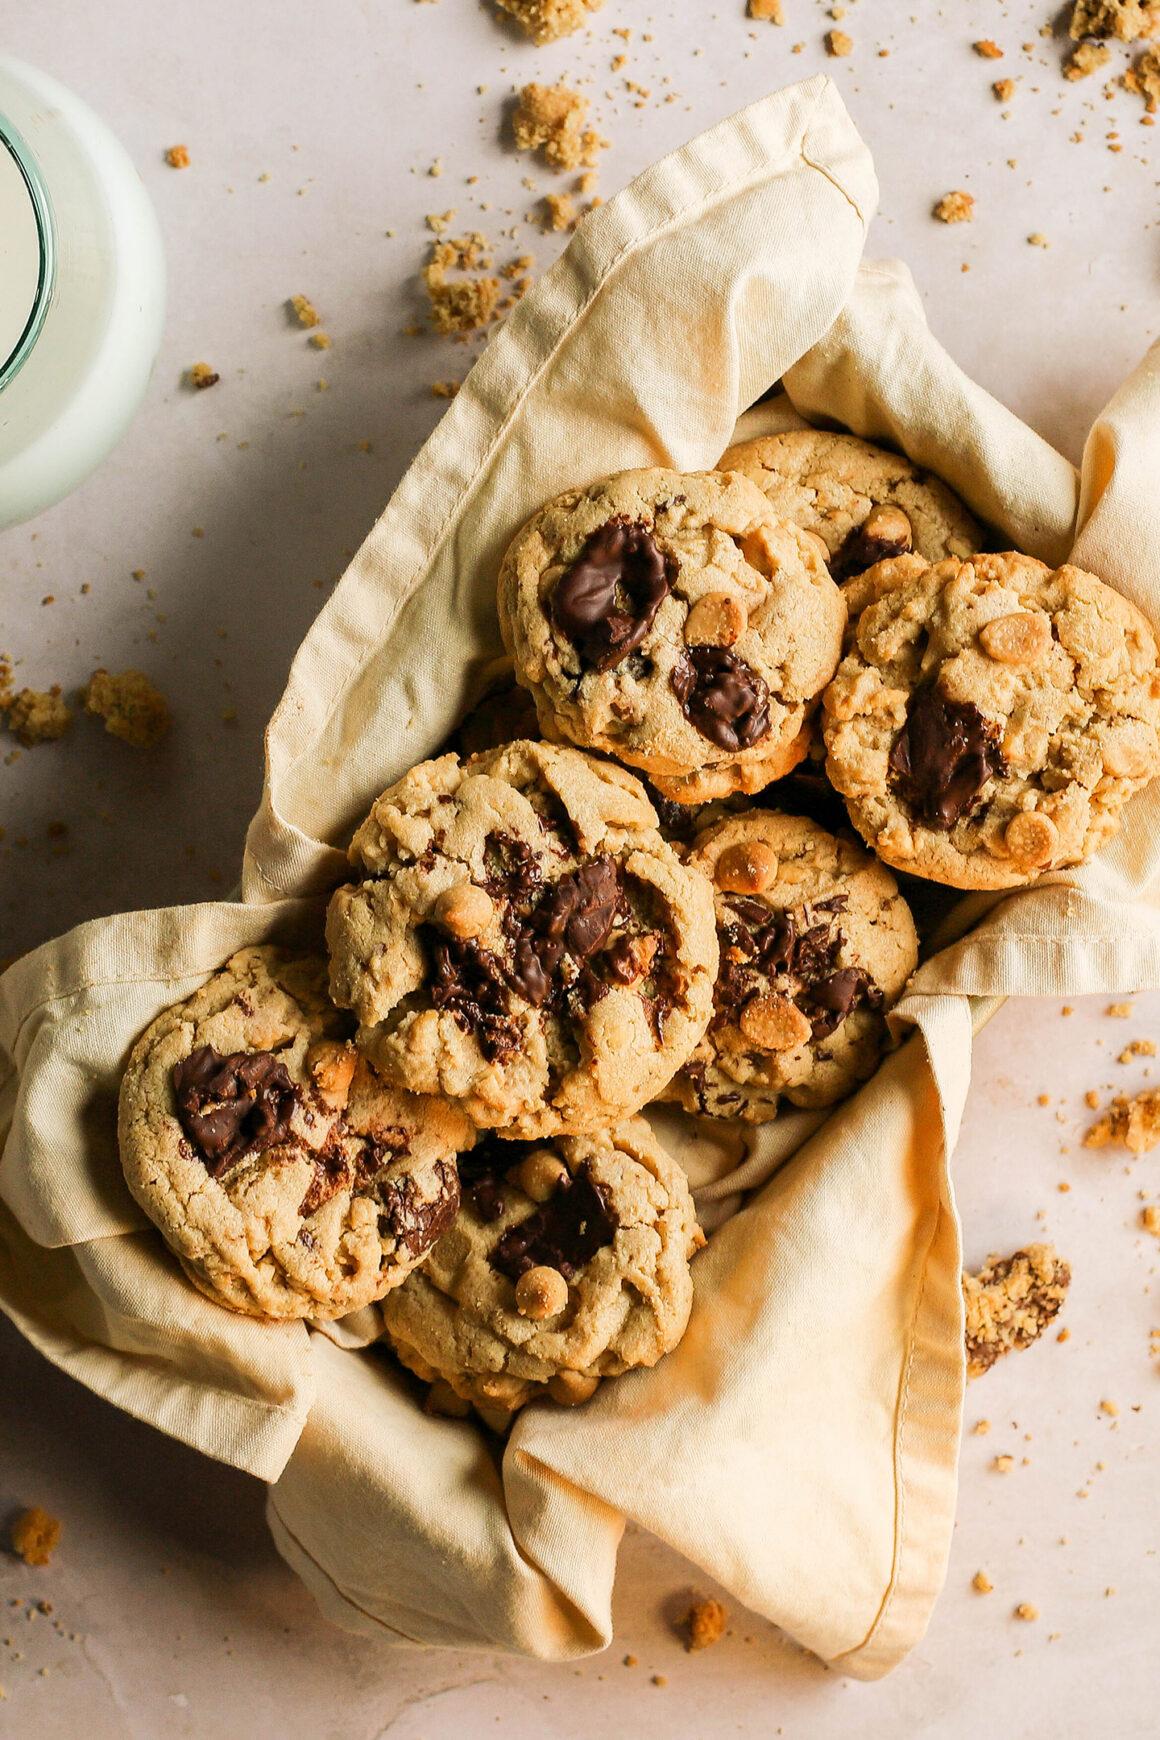 pb cookies with chocolate chunks